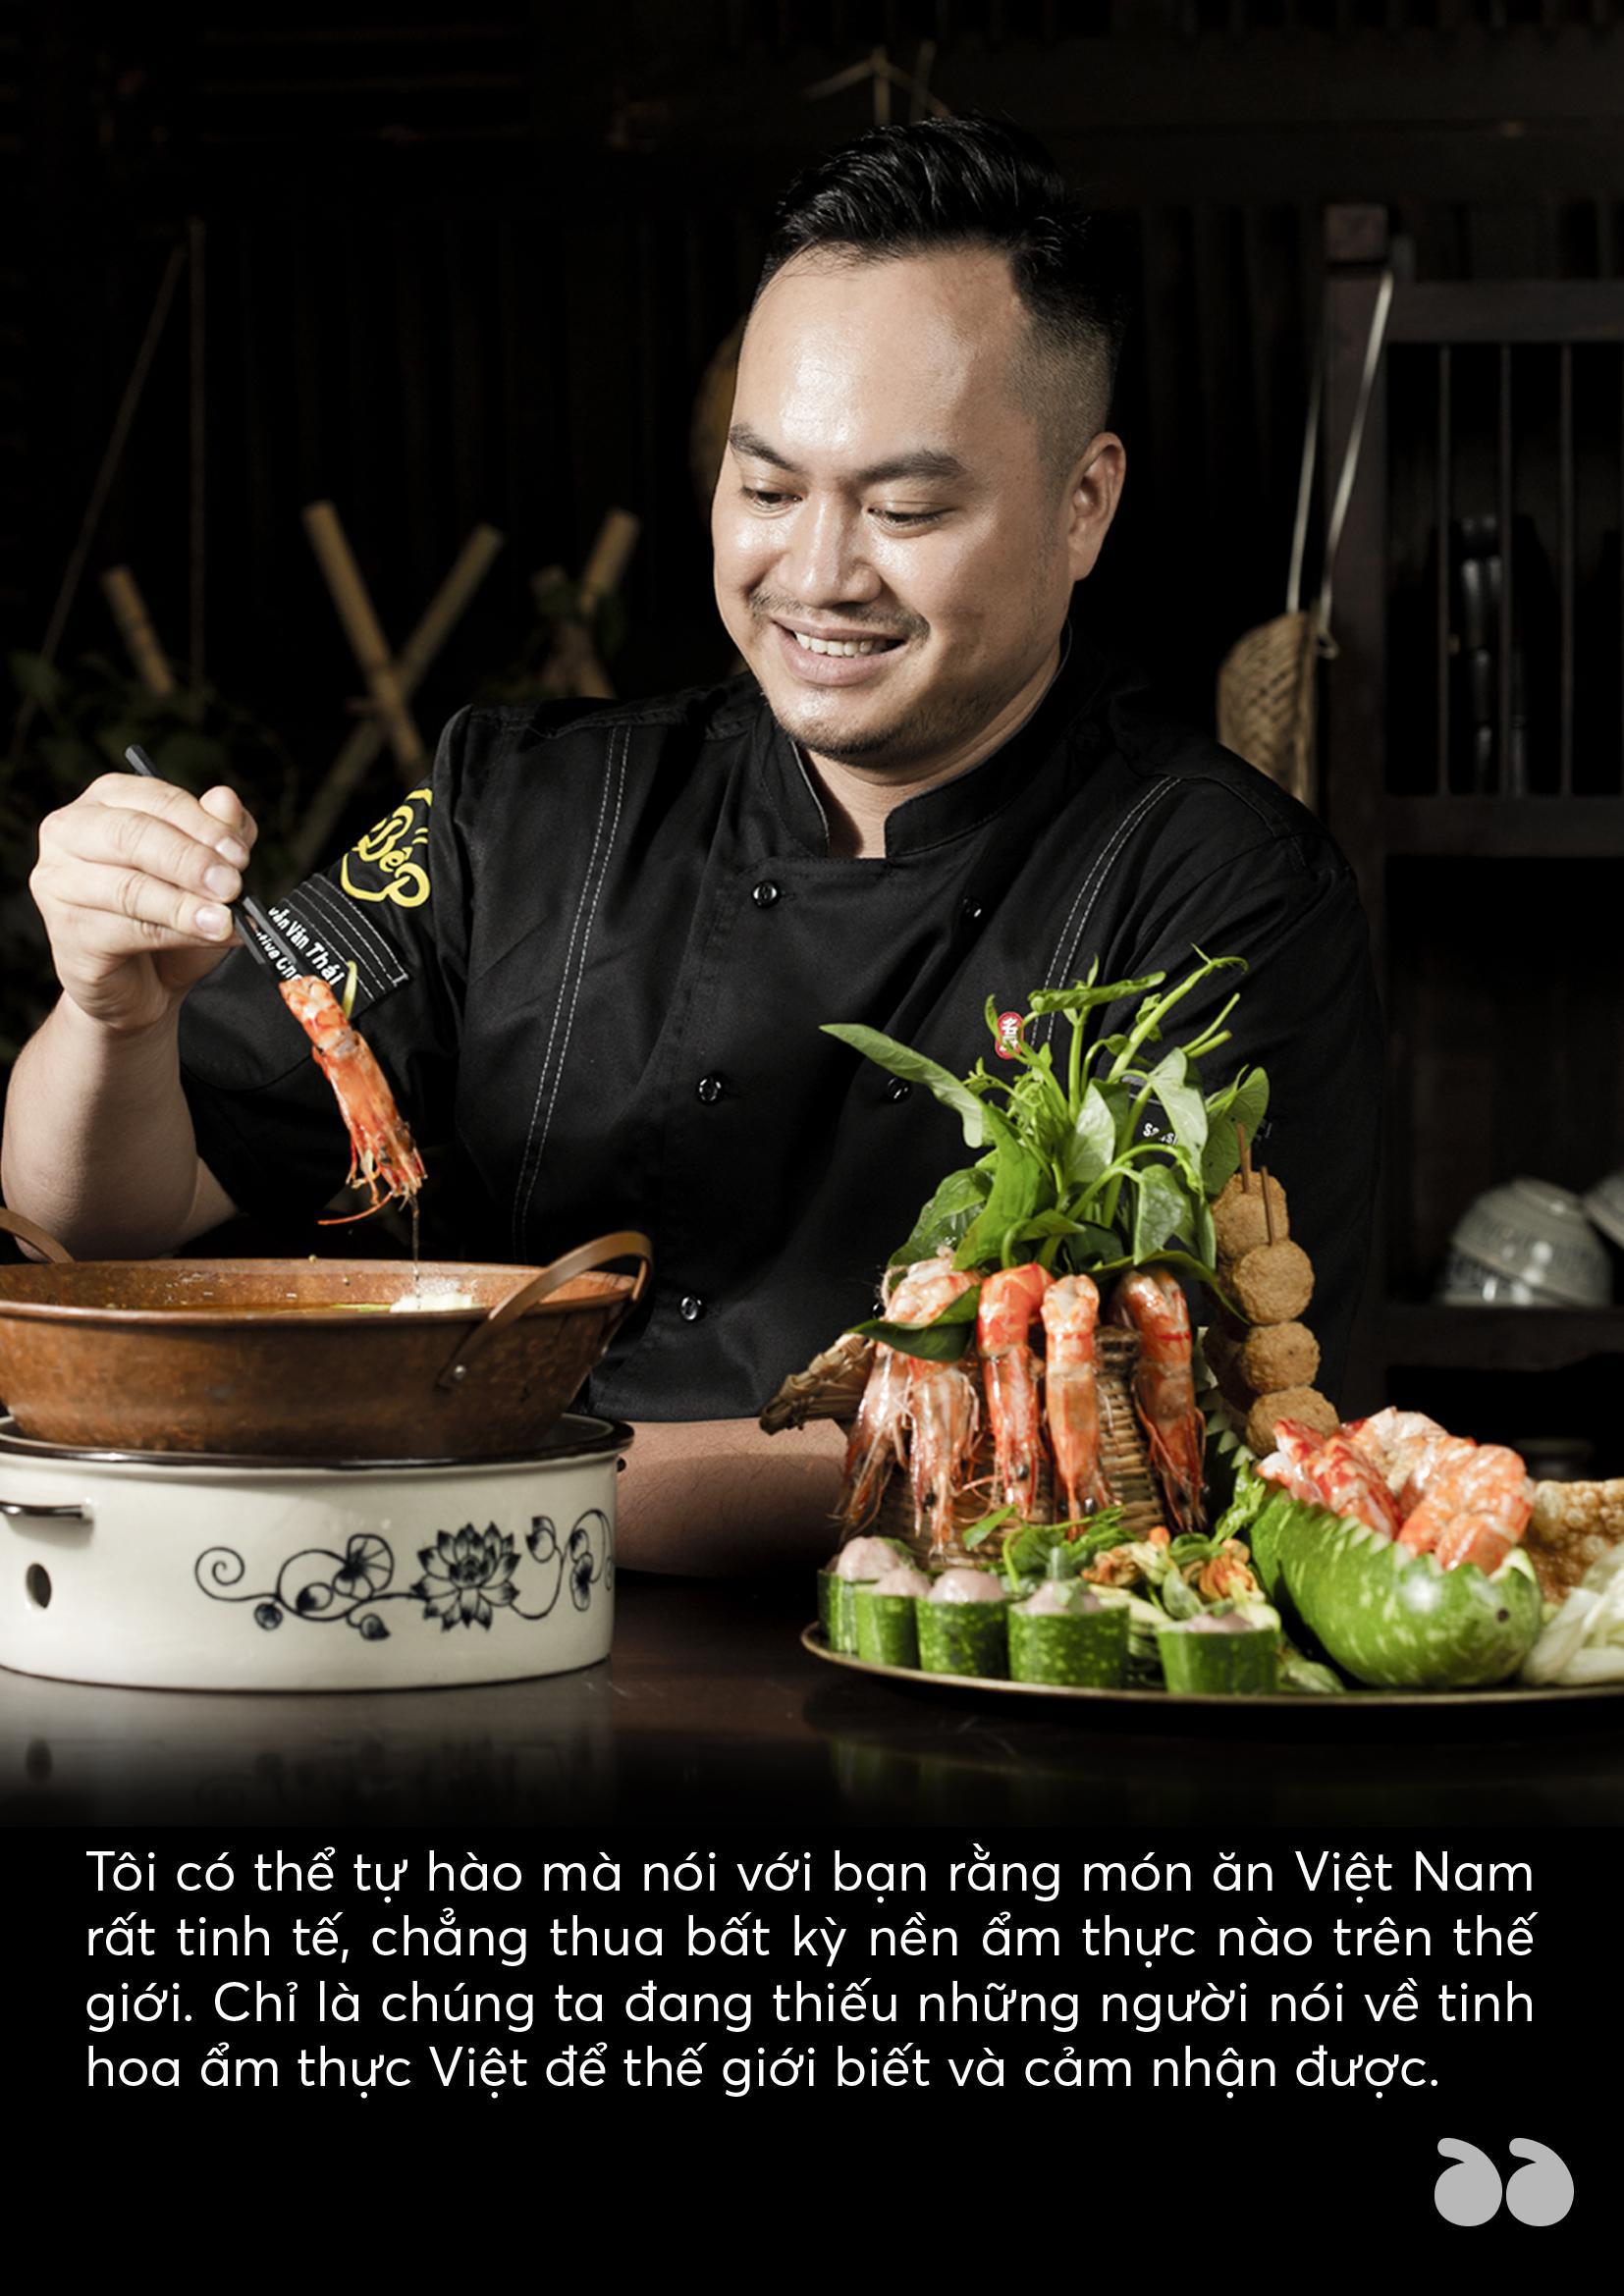 Chef Thái - Nâng tầm món ăn Việt luôn là trăn trở cả đời làm nghề của tôi - Ảnh 4.